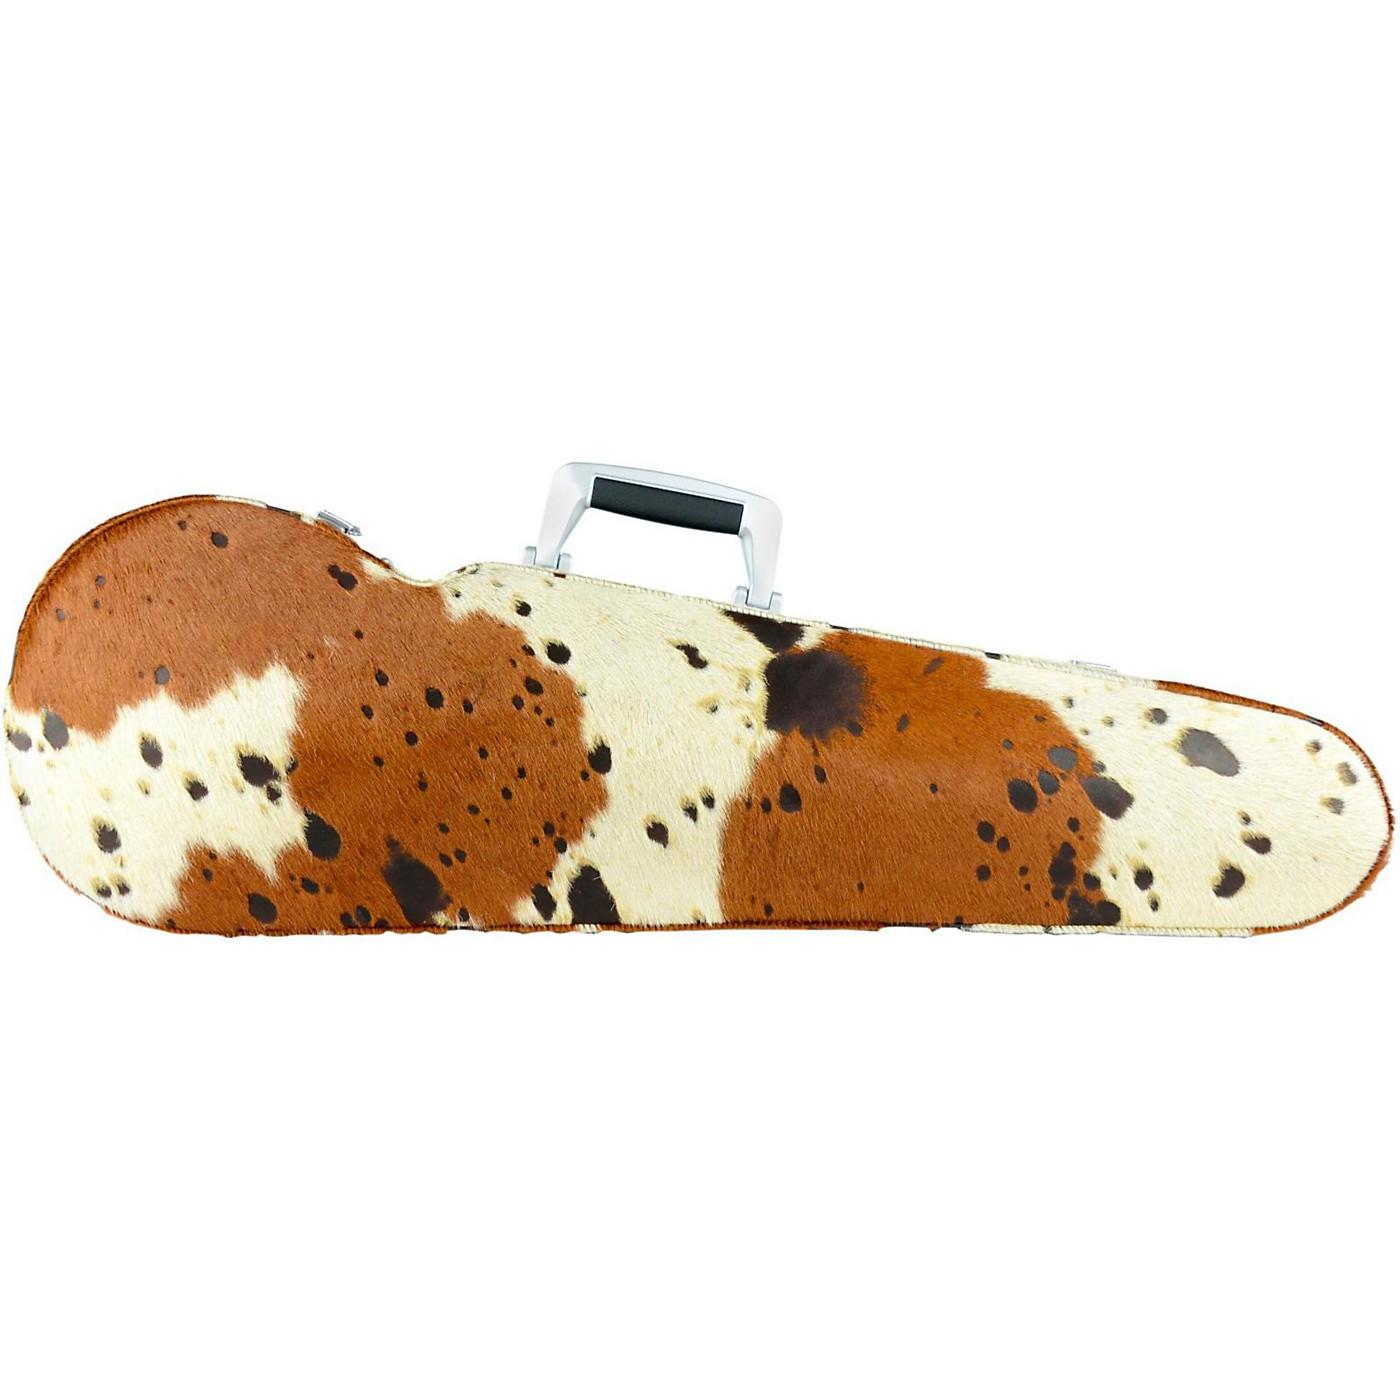 Bam TX2002XL Texas Contoured Hightech Cow Skin Violin Case thumbnail